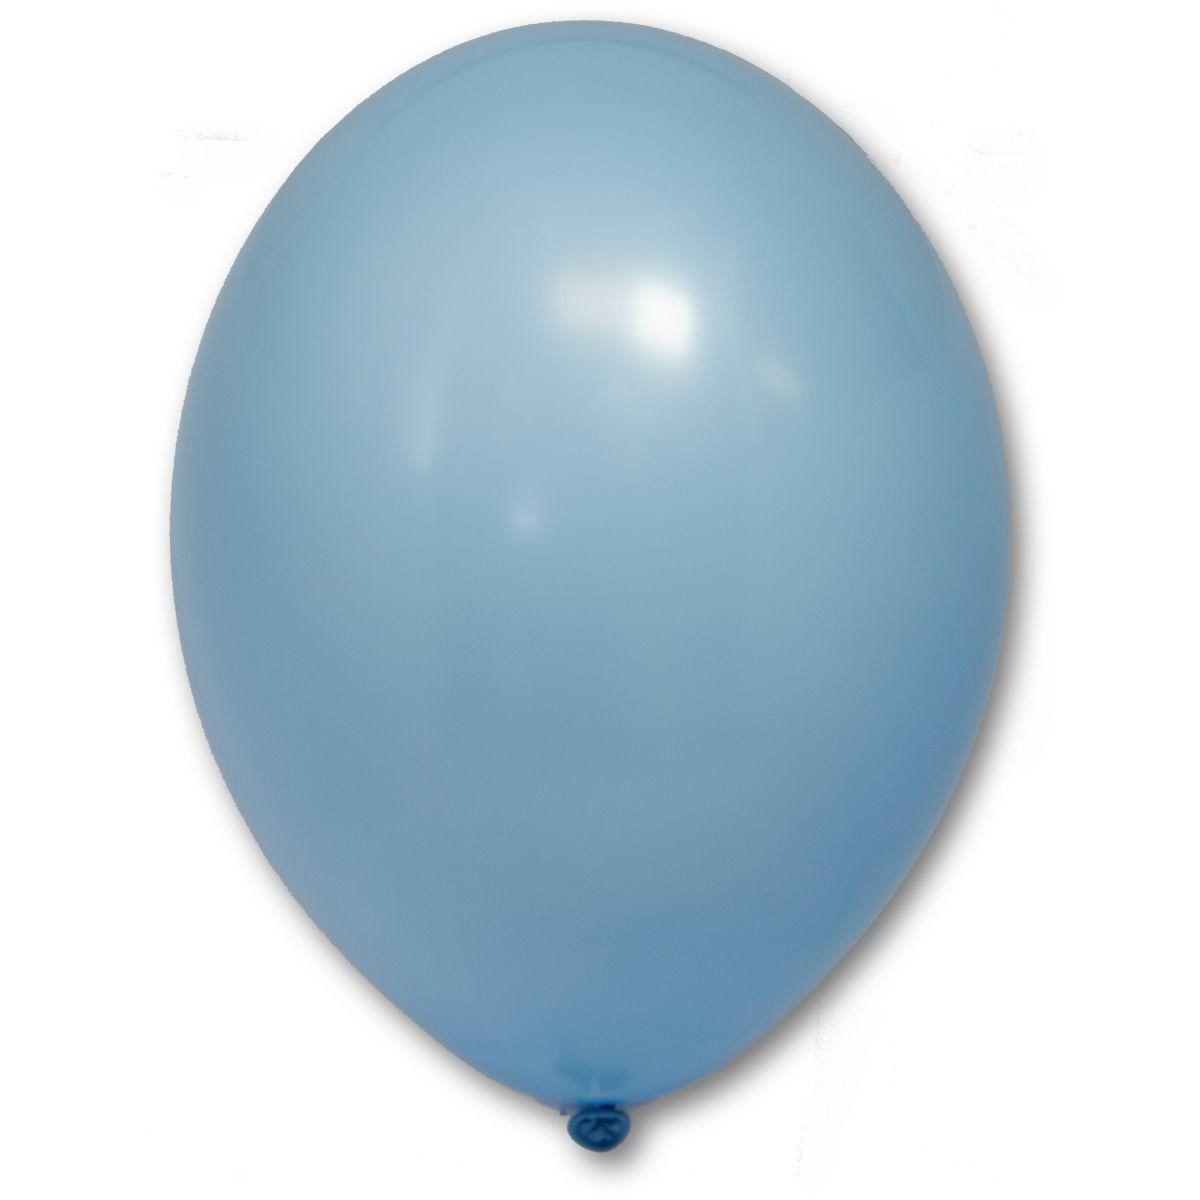 Belbal В85/003 Пастель голубой (50 шт)